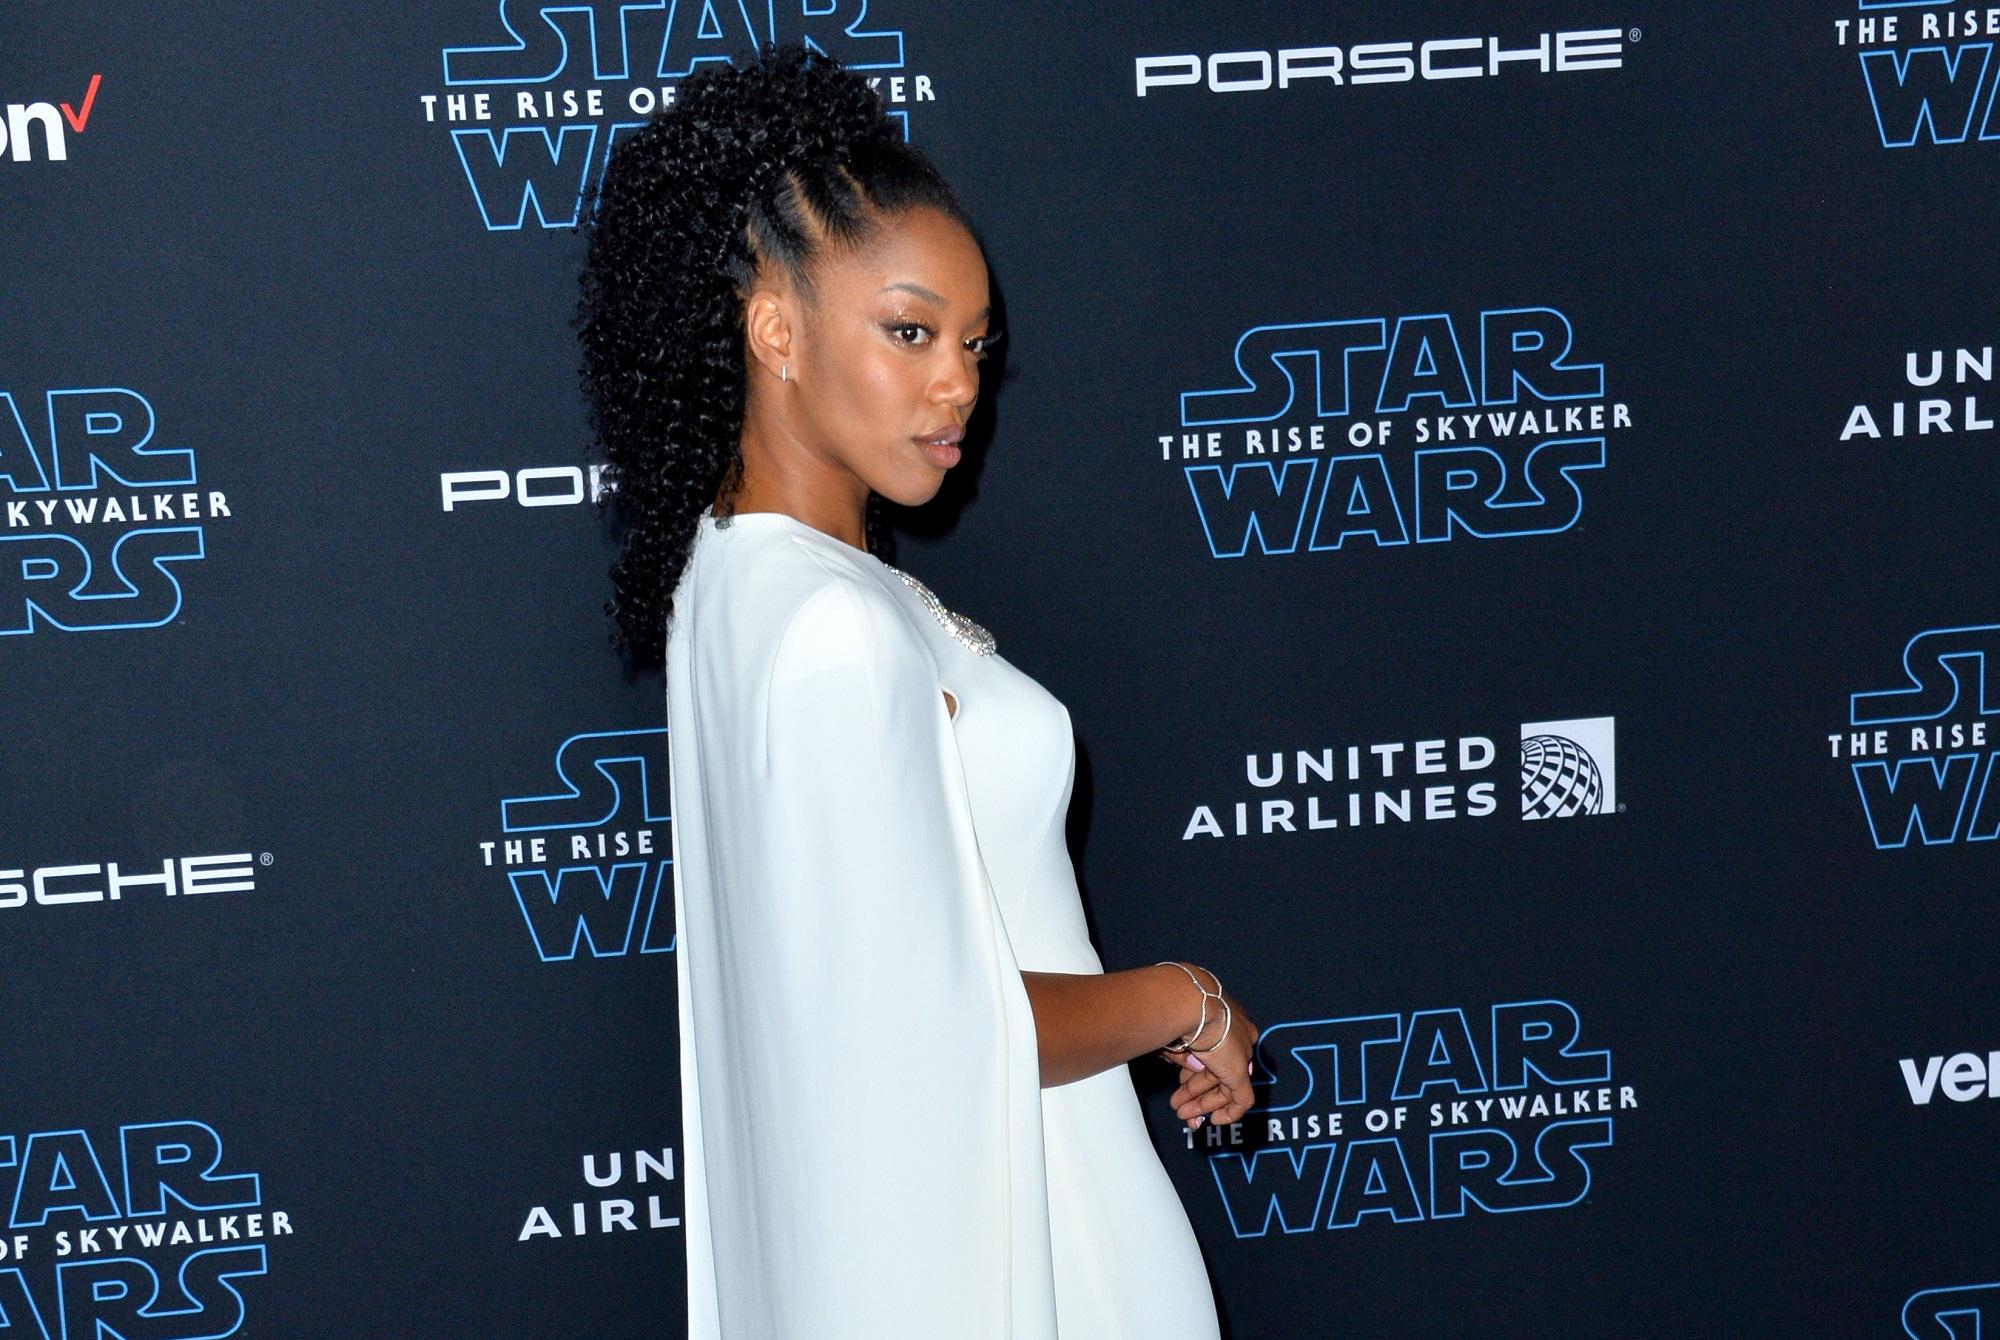 Актриса из «Звездных войн» Наоми Экки сыграет Уитни Хьюстон